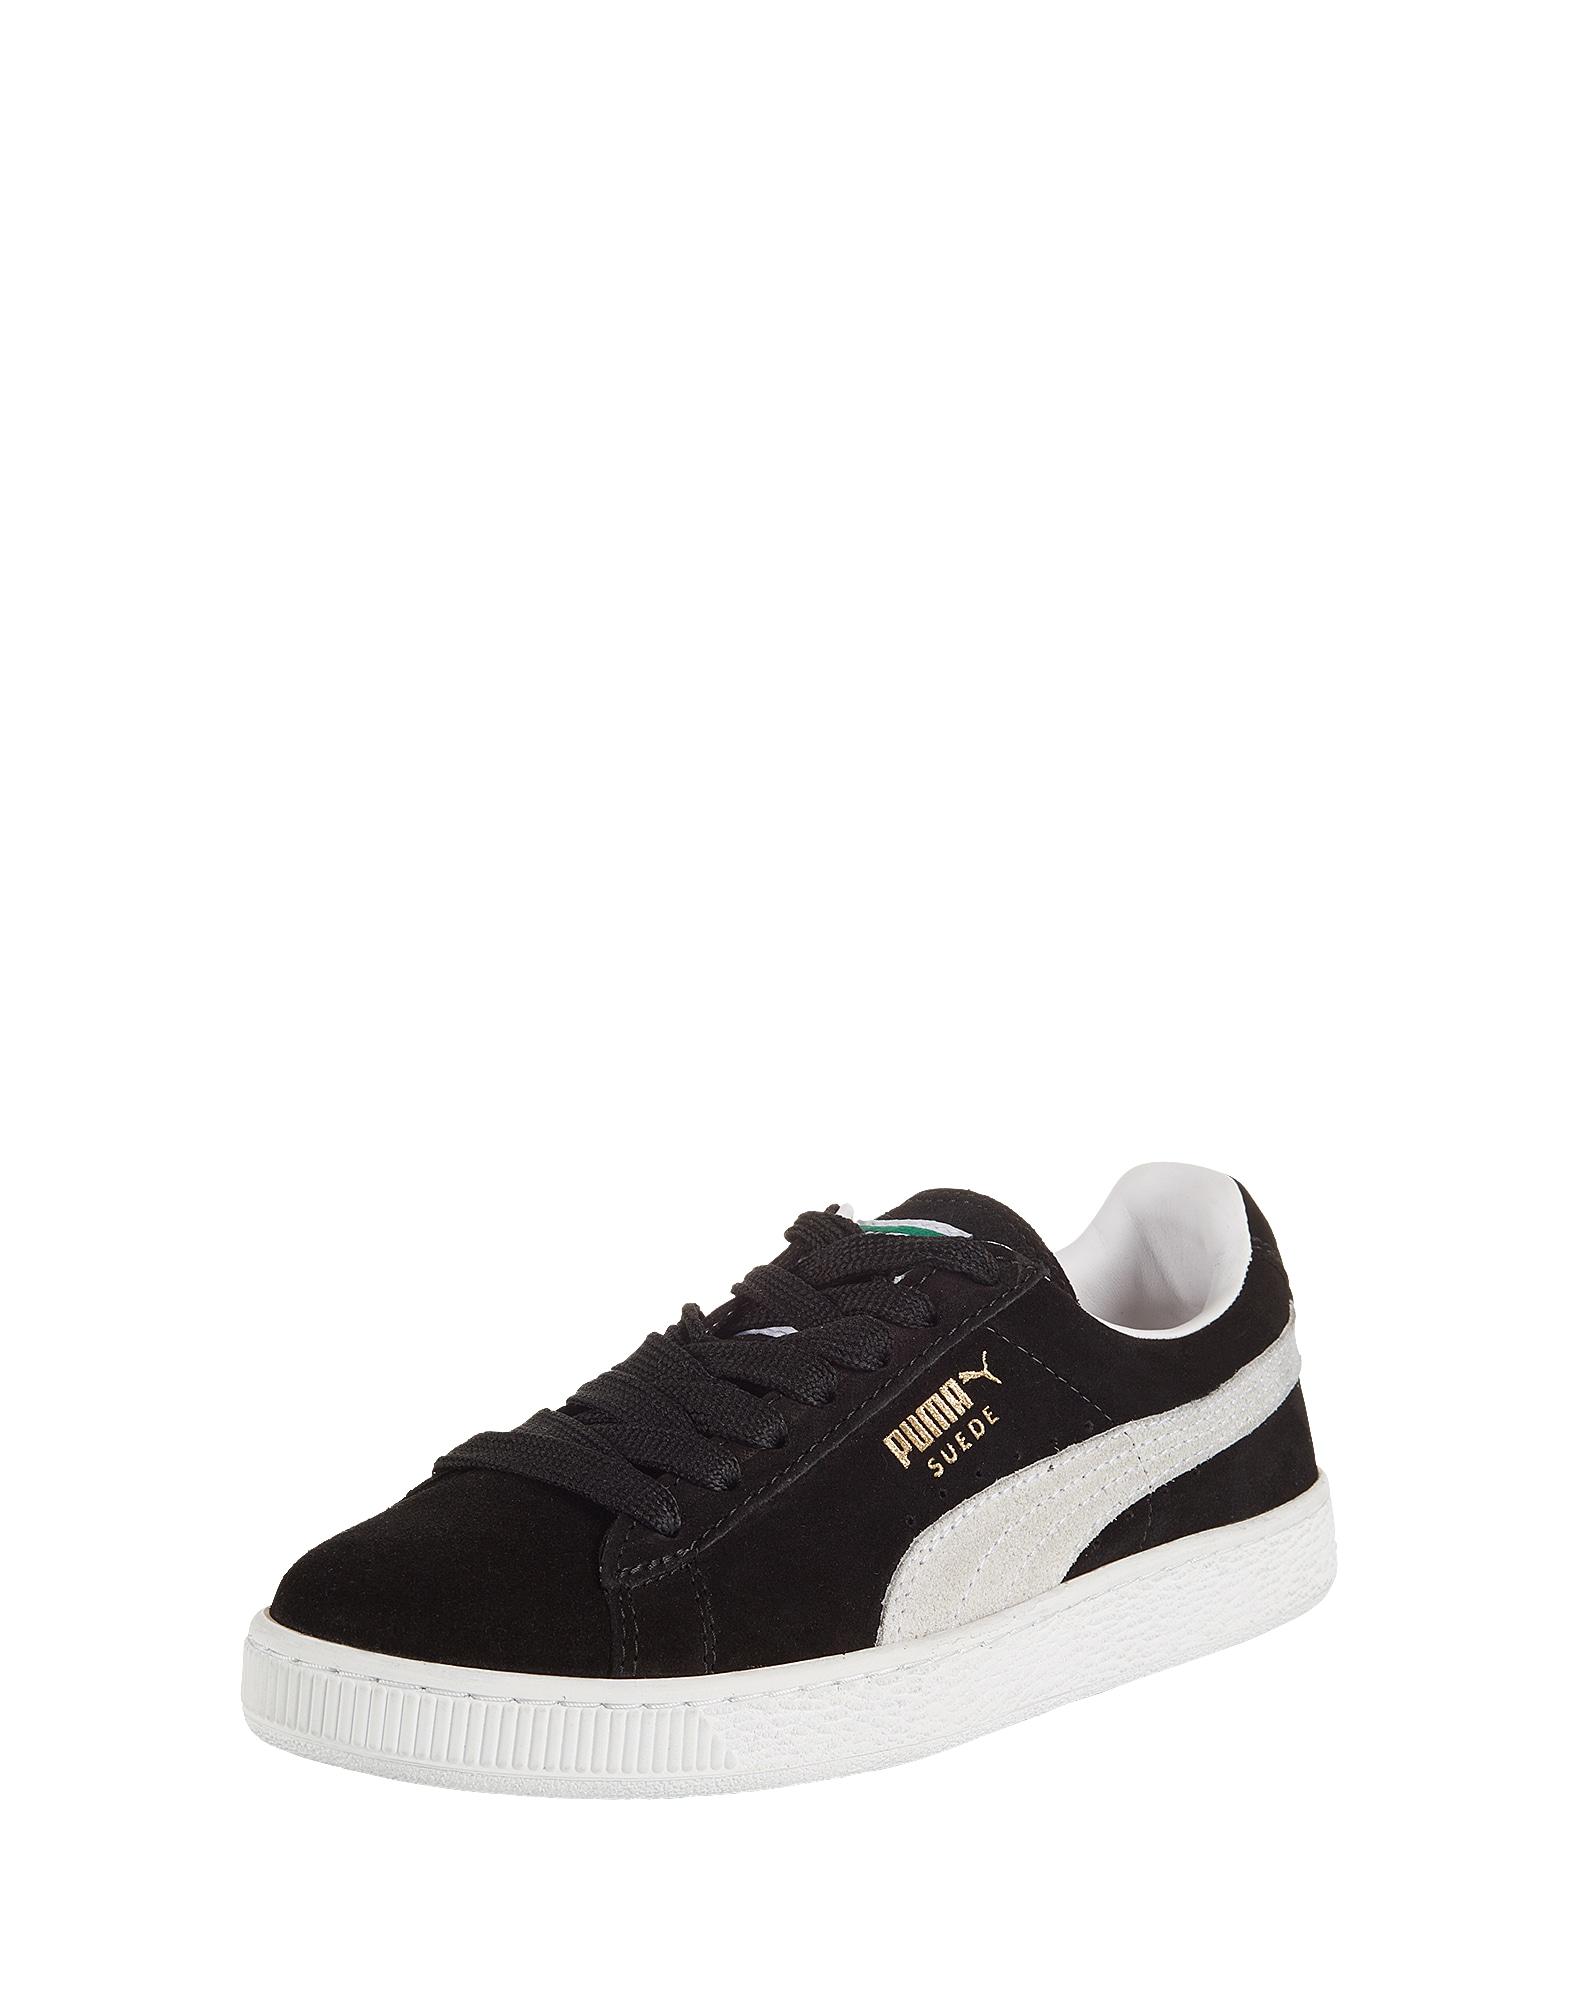 PUMA, Heren Sneakers laag 'Suede Classic', zwart / wit